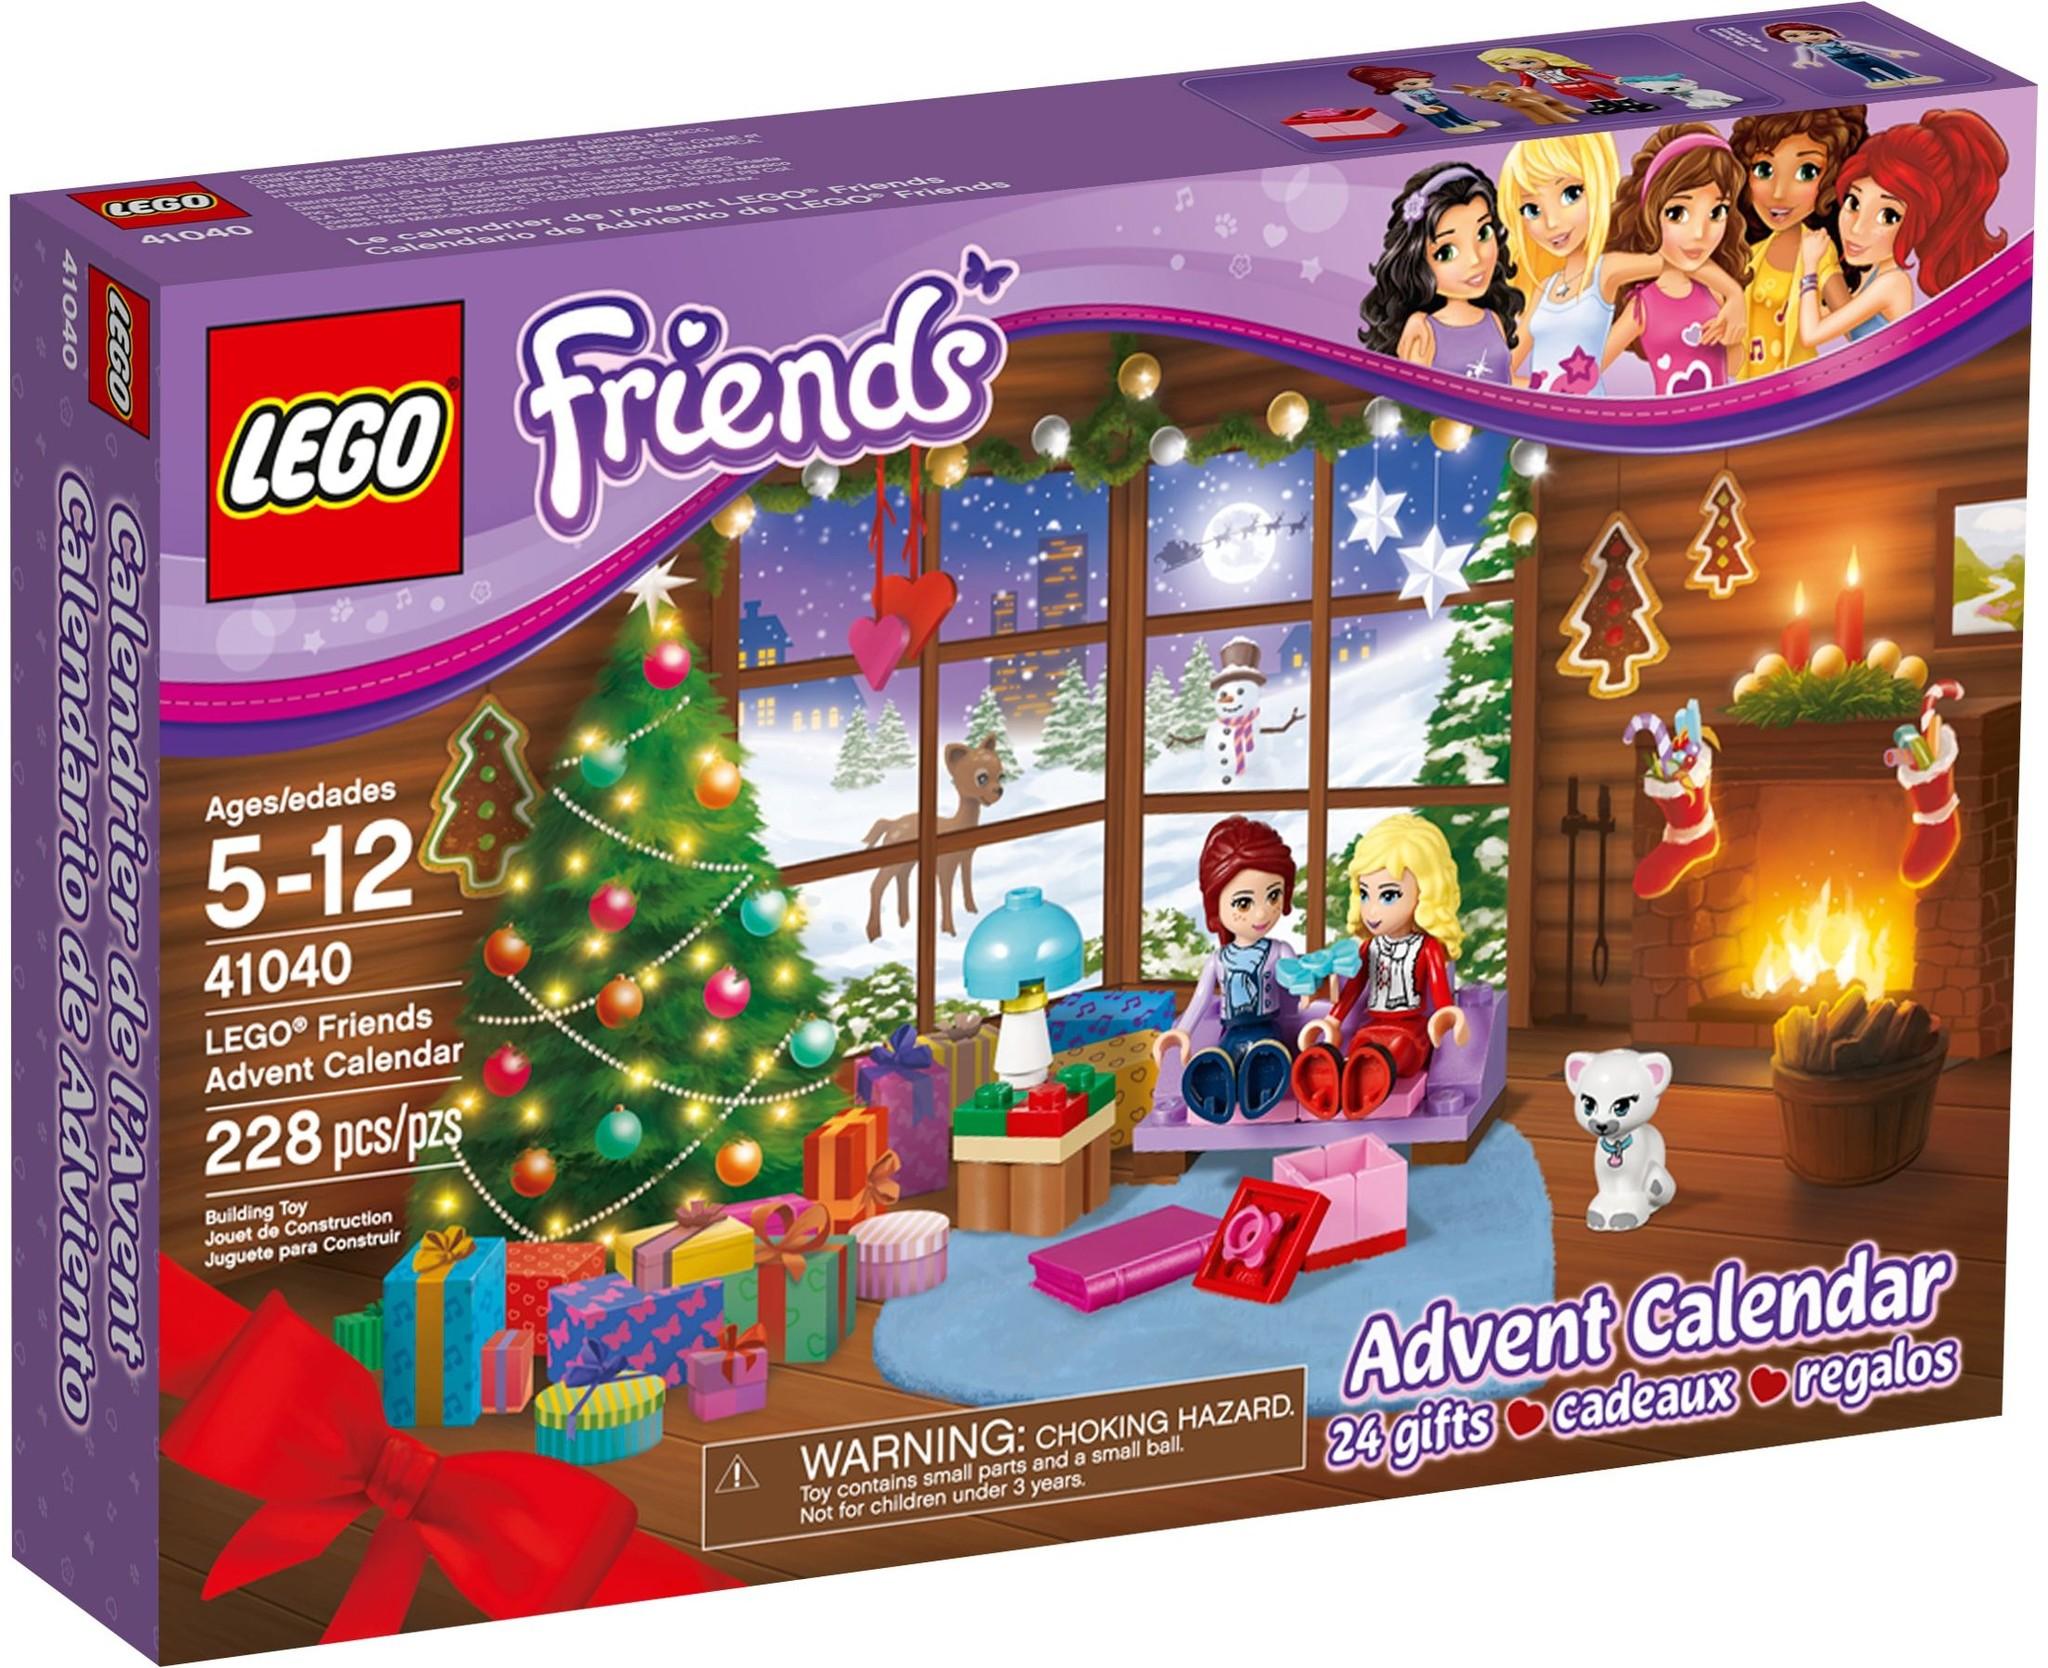 LEGO 41040 - Friends - Friends Advent Calendar 2014